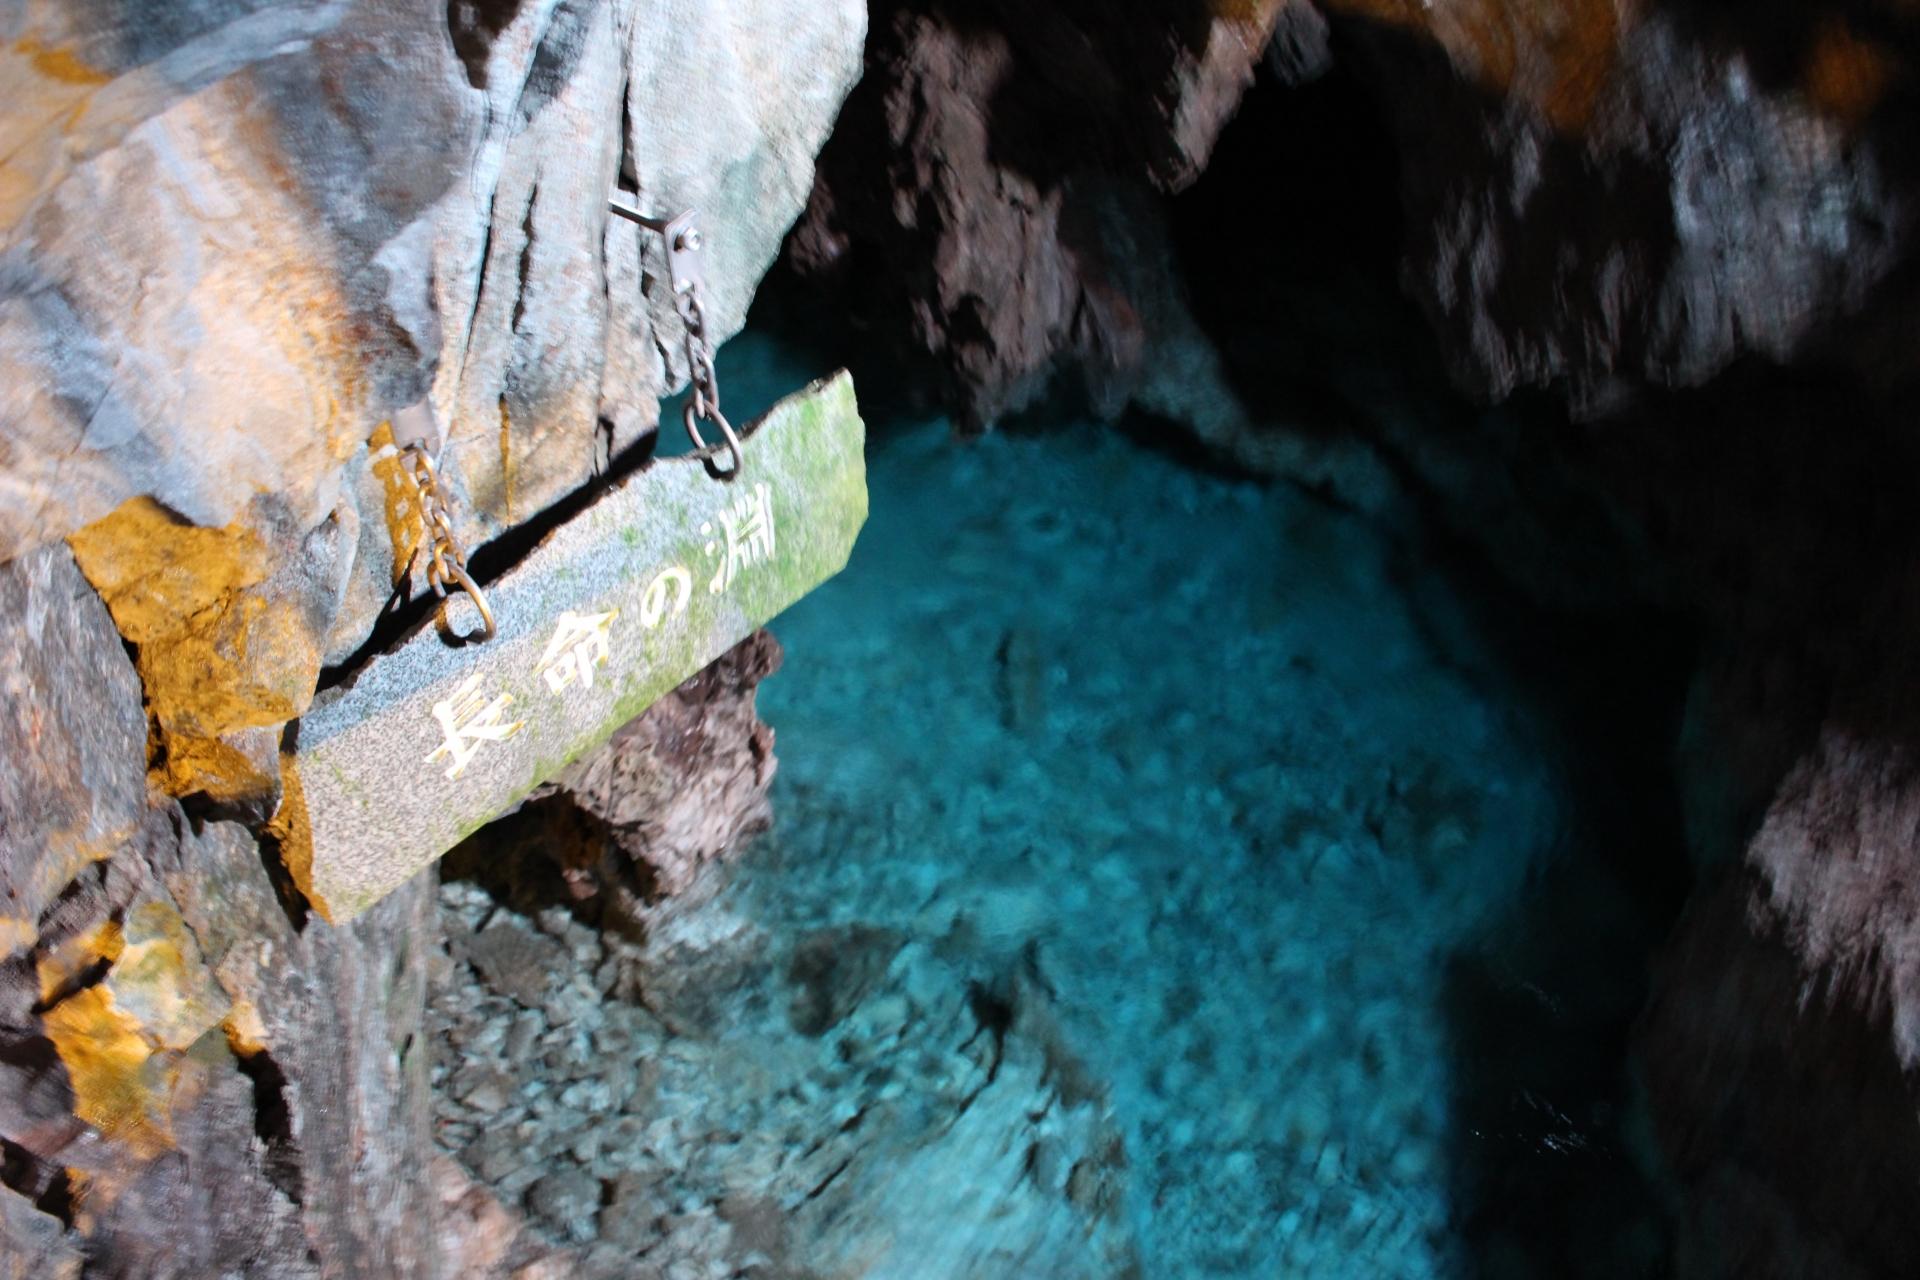 龍泉洞へのバス・車・電車でのアクセスや観光時間と料金について